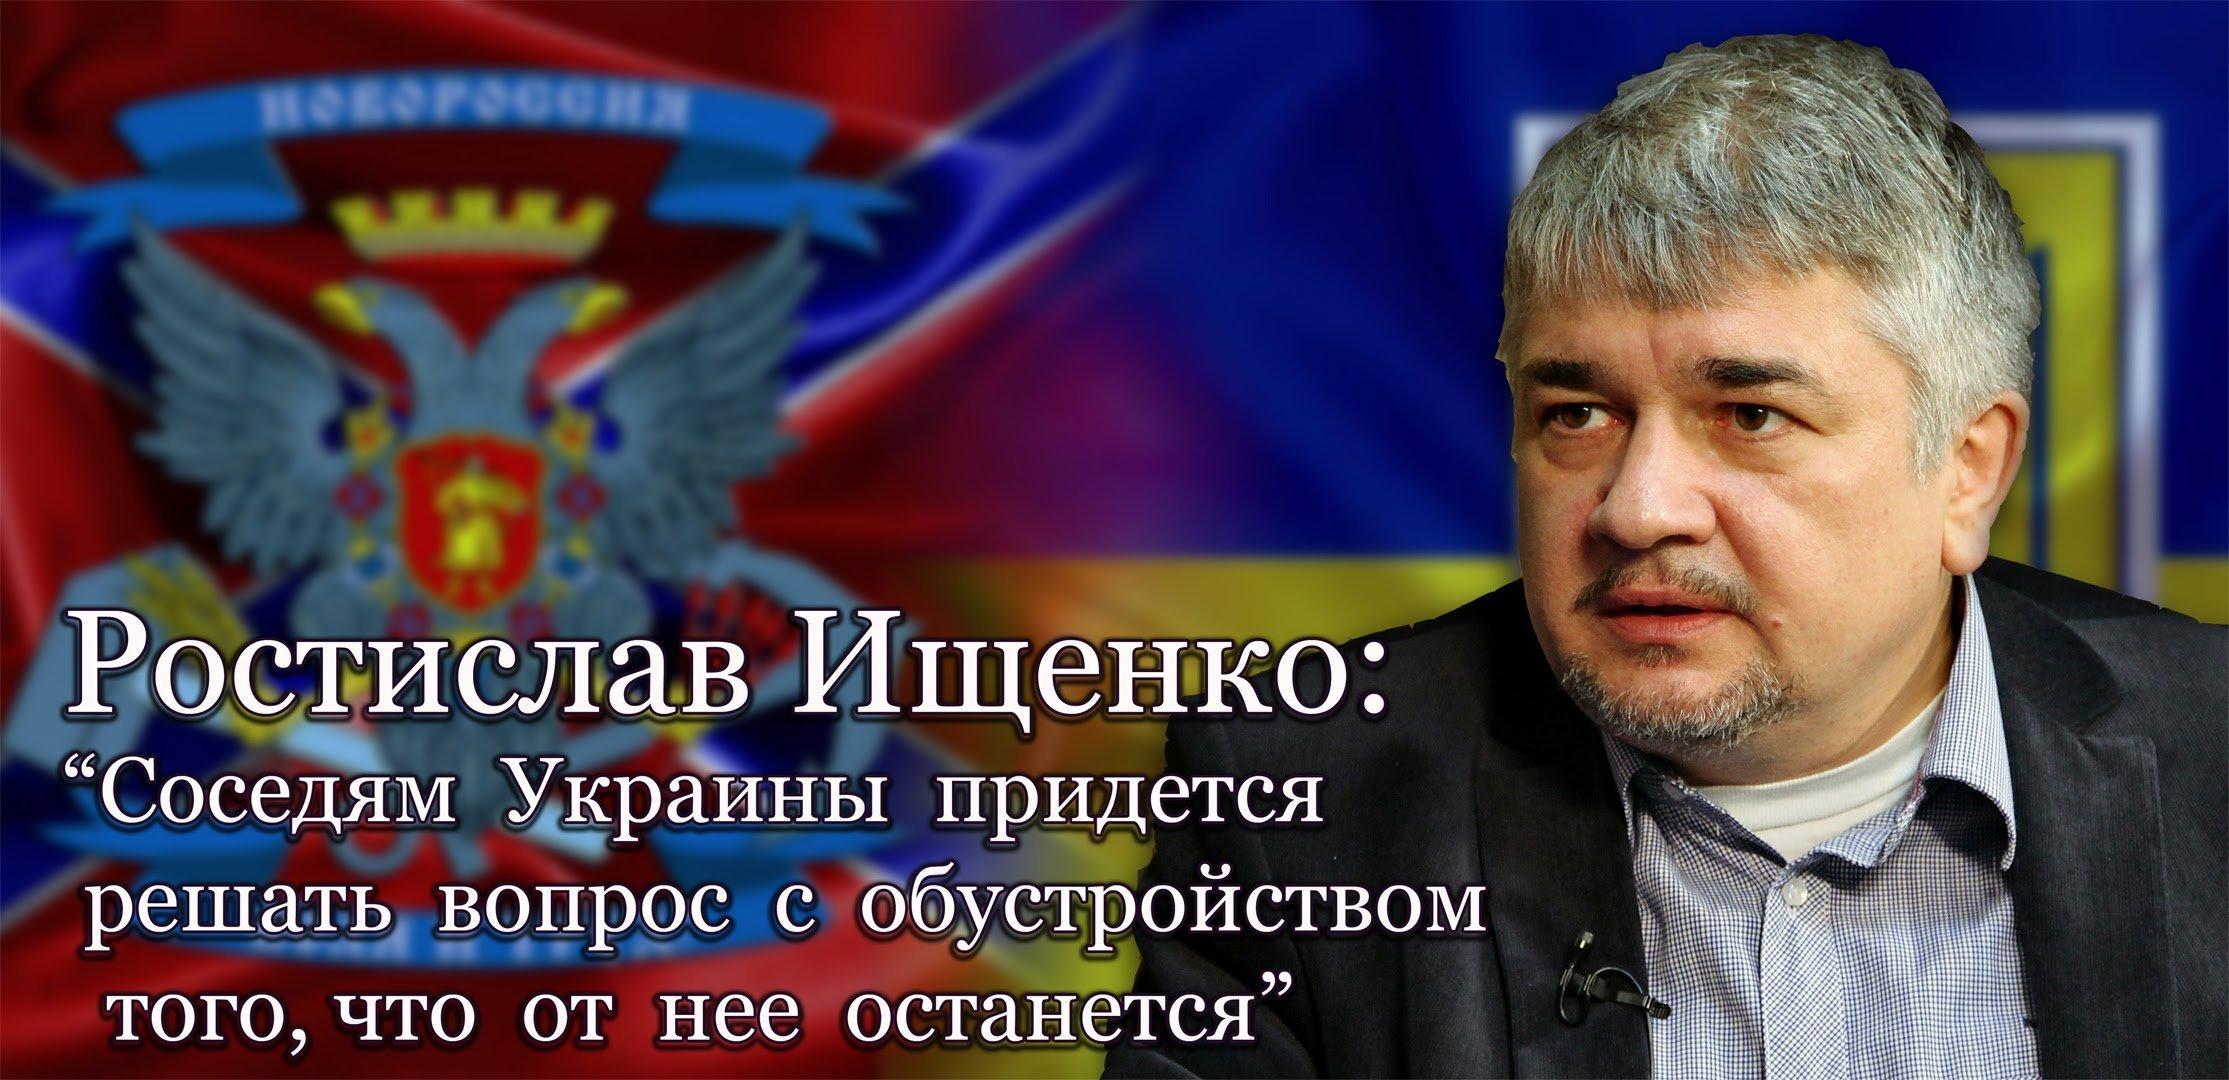 http://www.pravda-tv.ru/wp-content/uploads/2015/10/ukraina-zhdem-defolta-rostislav.jpg